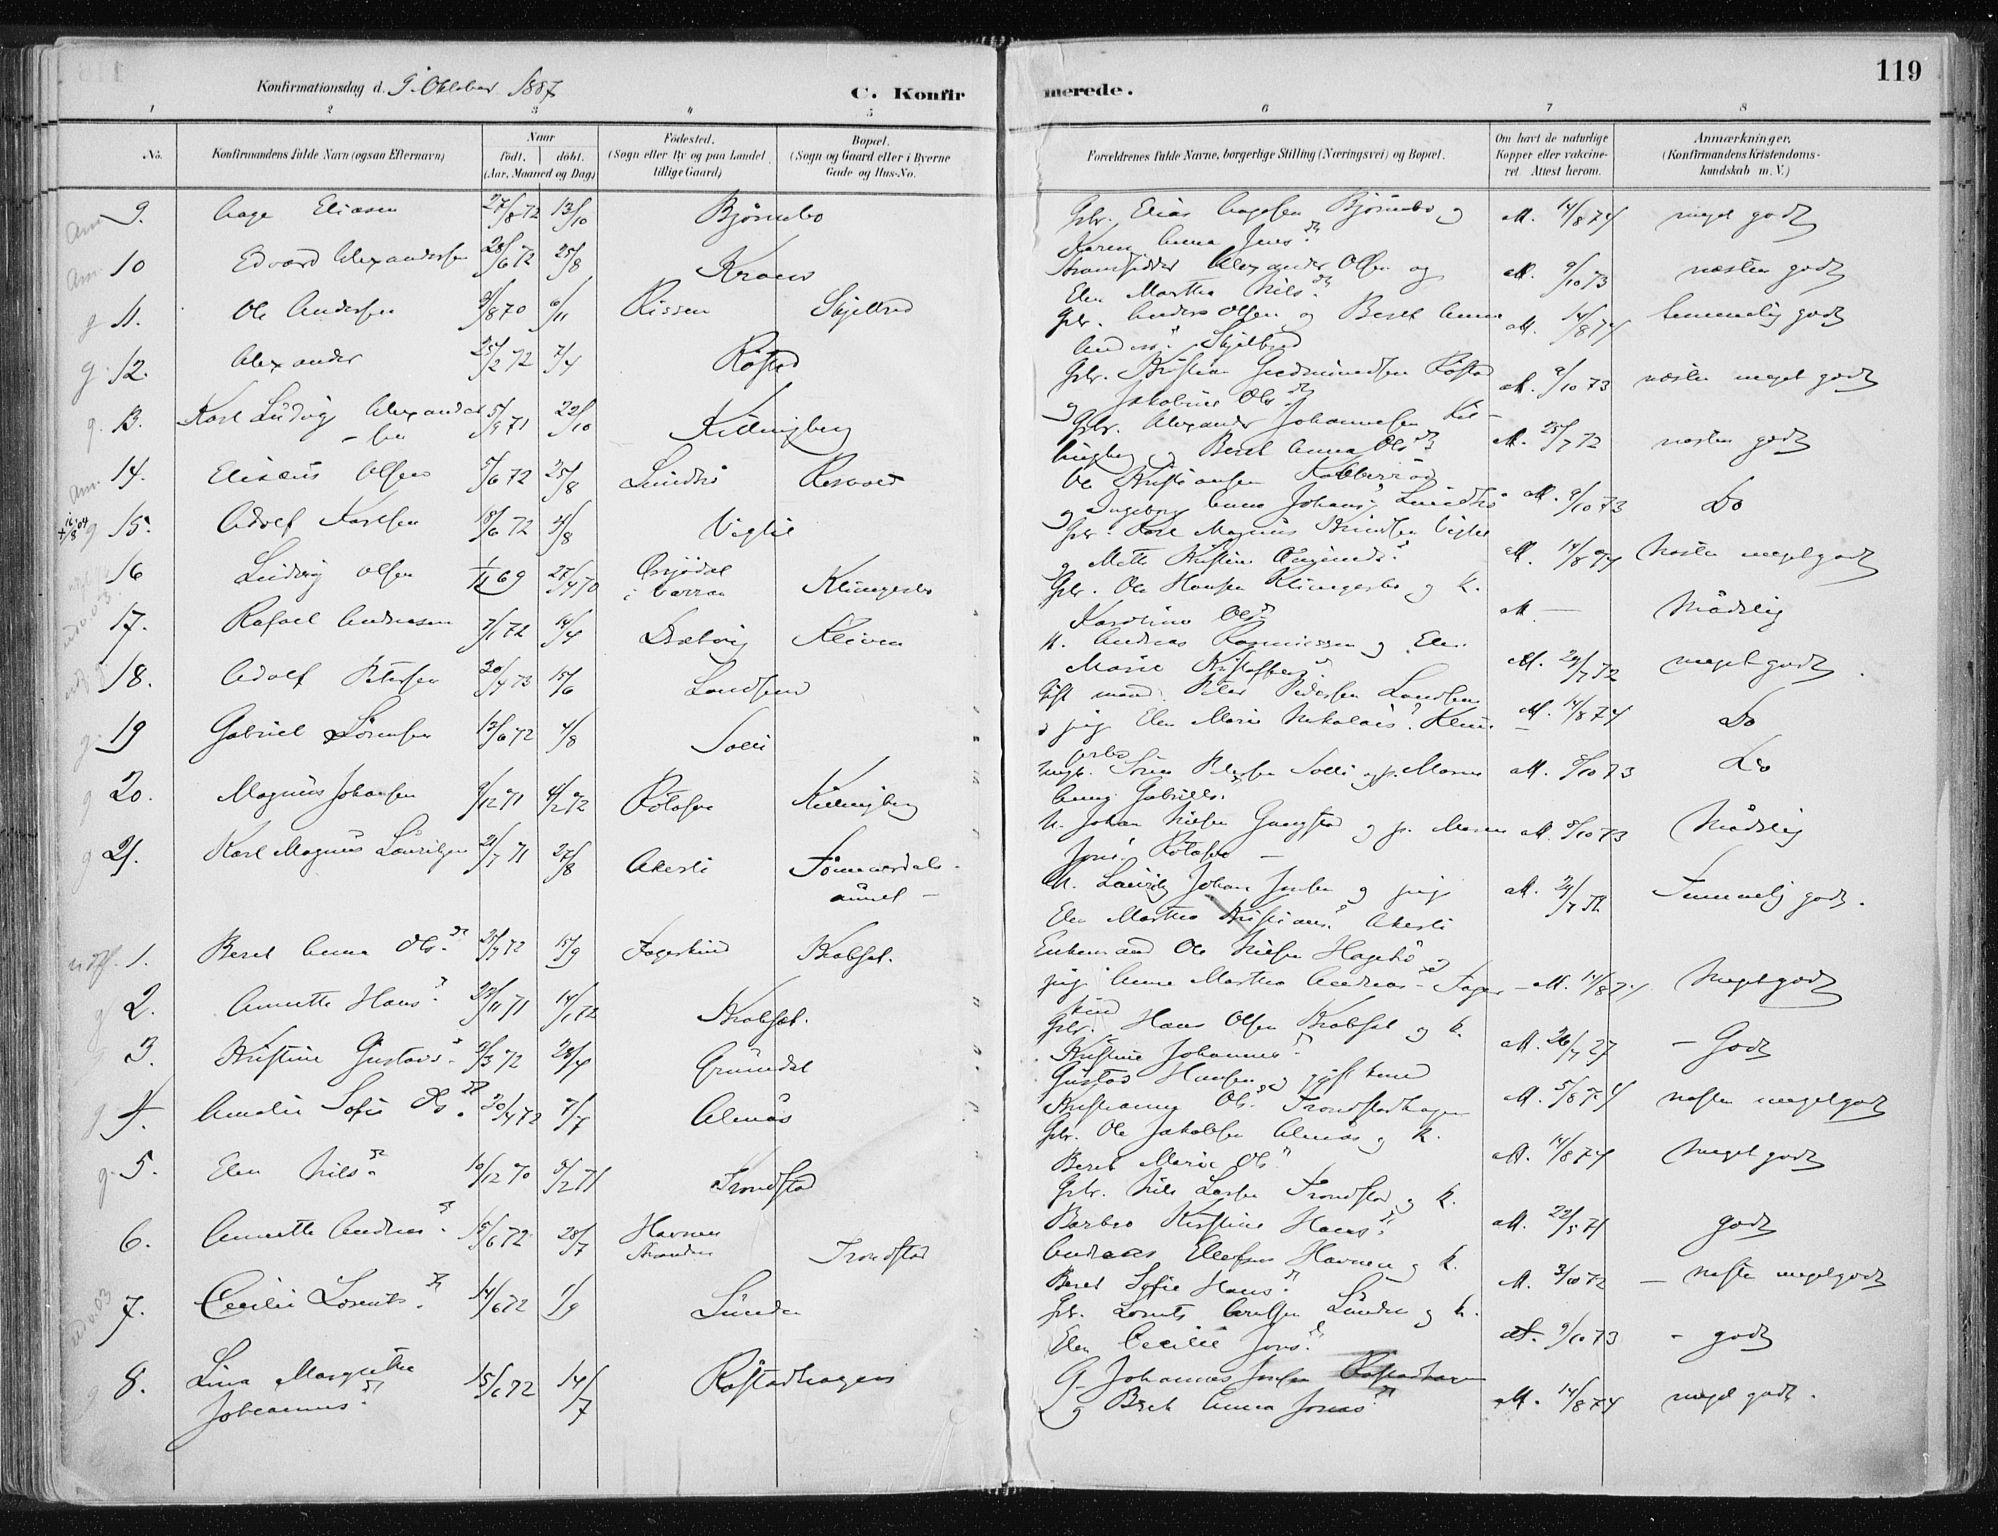 SAT, Ministerialprotokoller, klokkerbøker og fødselsregistre - Nord-Trøndelag, 701/L0010: Ministerialbok nr. 701A10, 1883-1899, s. 119